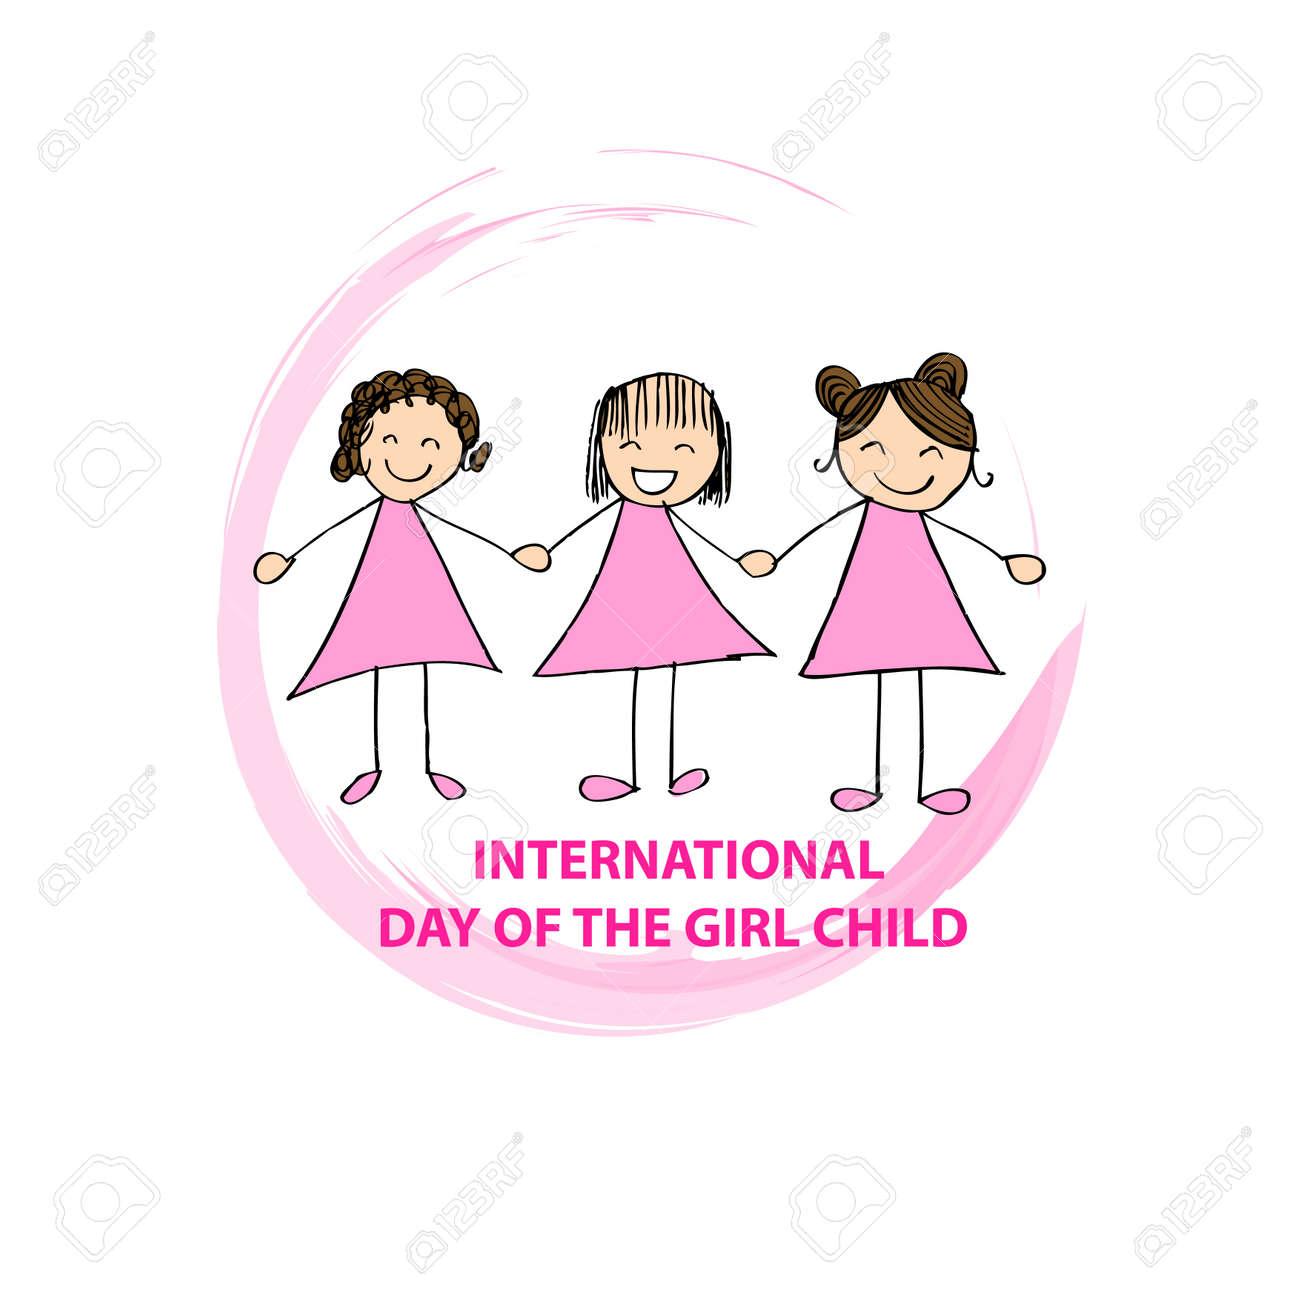 अन्तर्राष्ट्रिय बालिका दिवस : घरबाटै विभेद अन्त्य गर्नुपर्ने